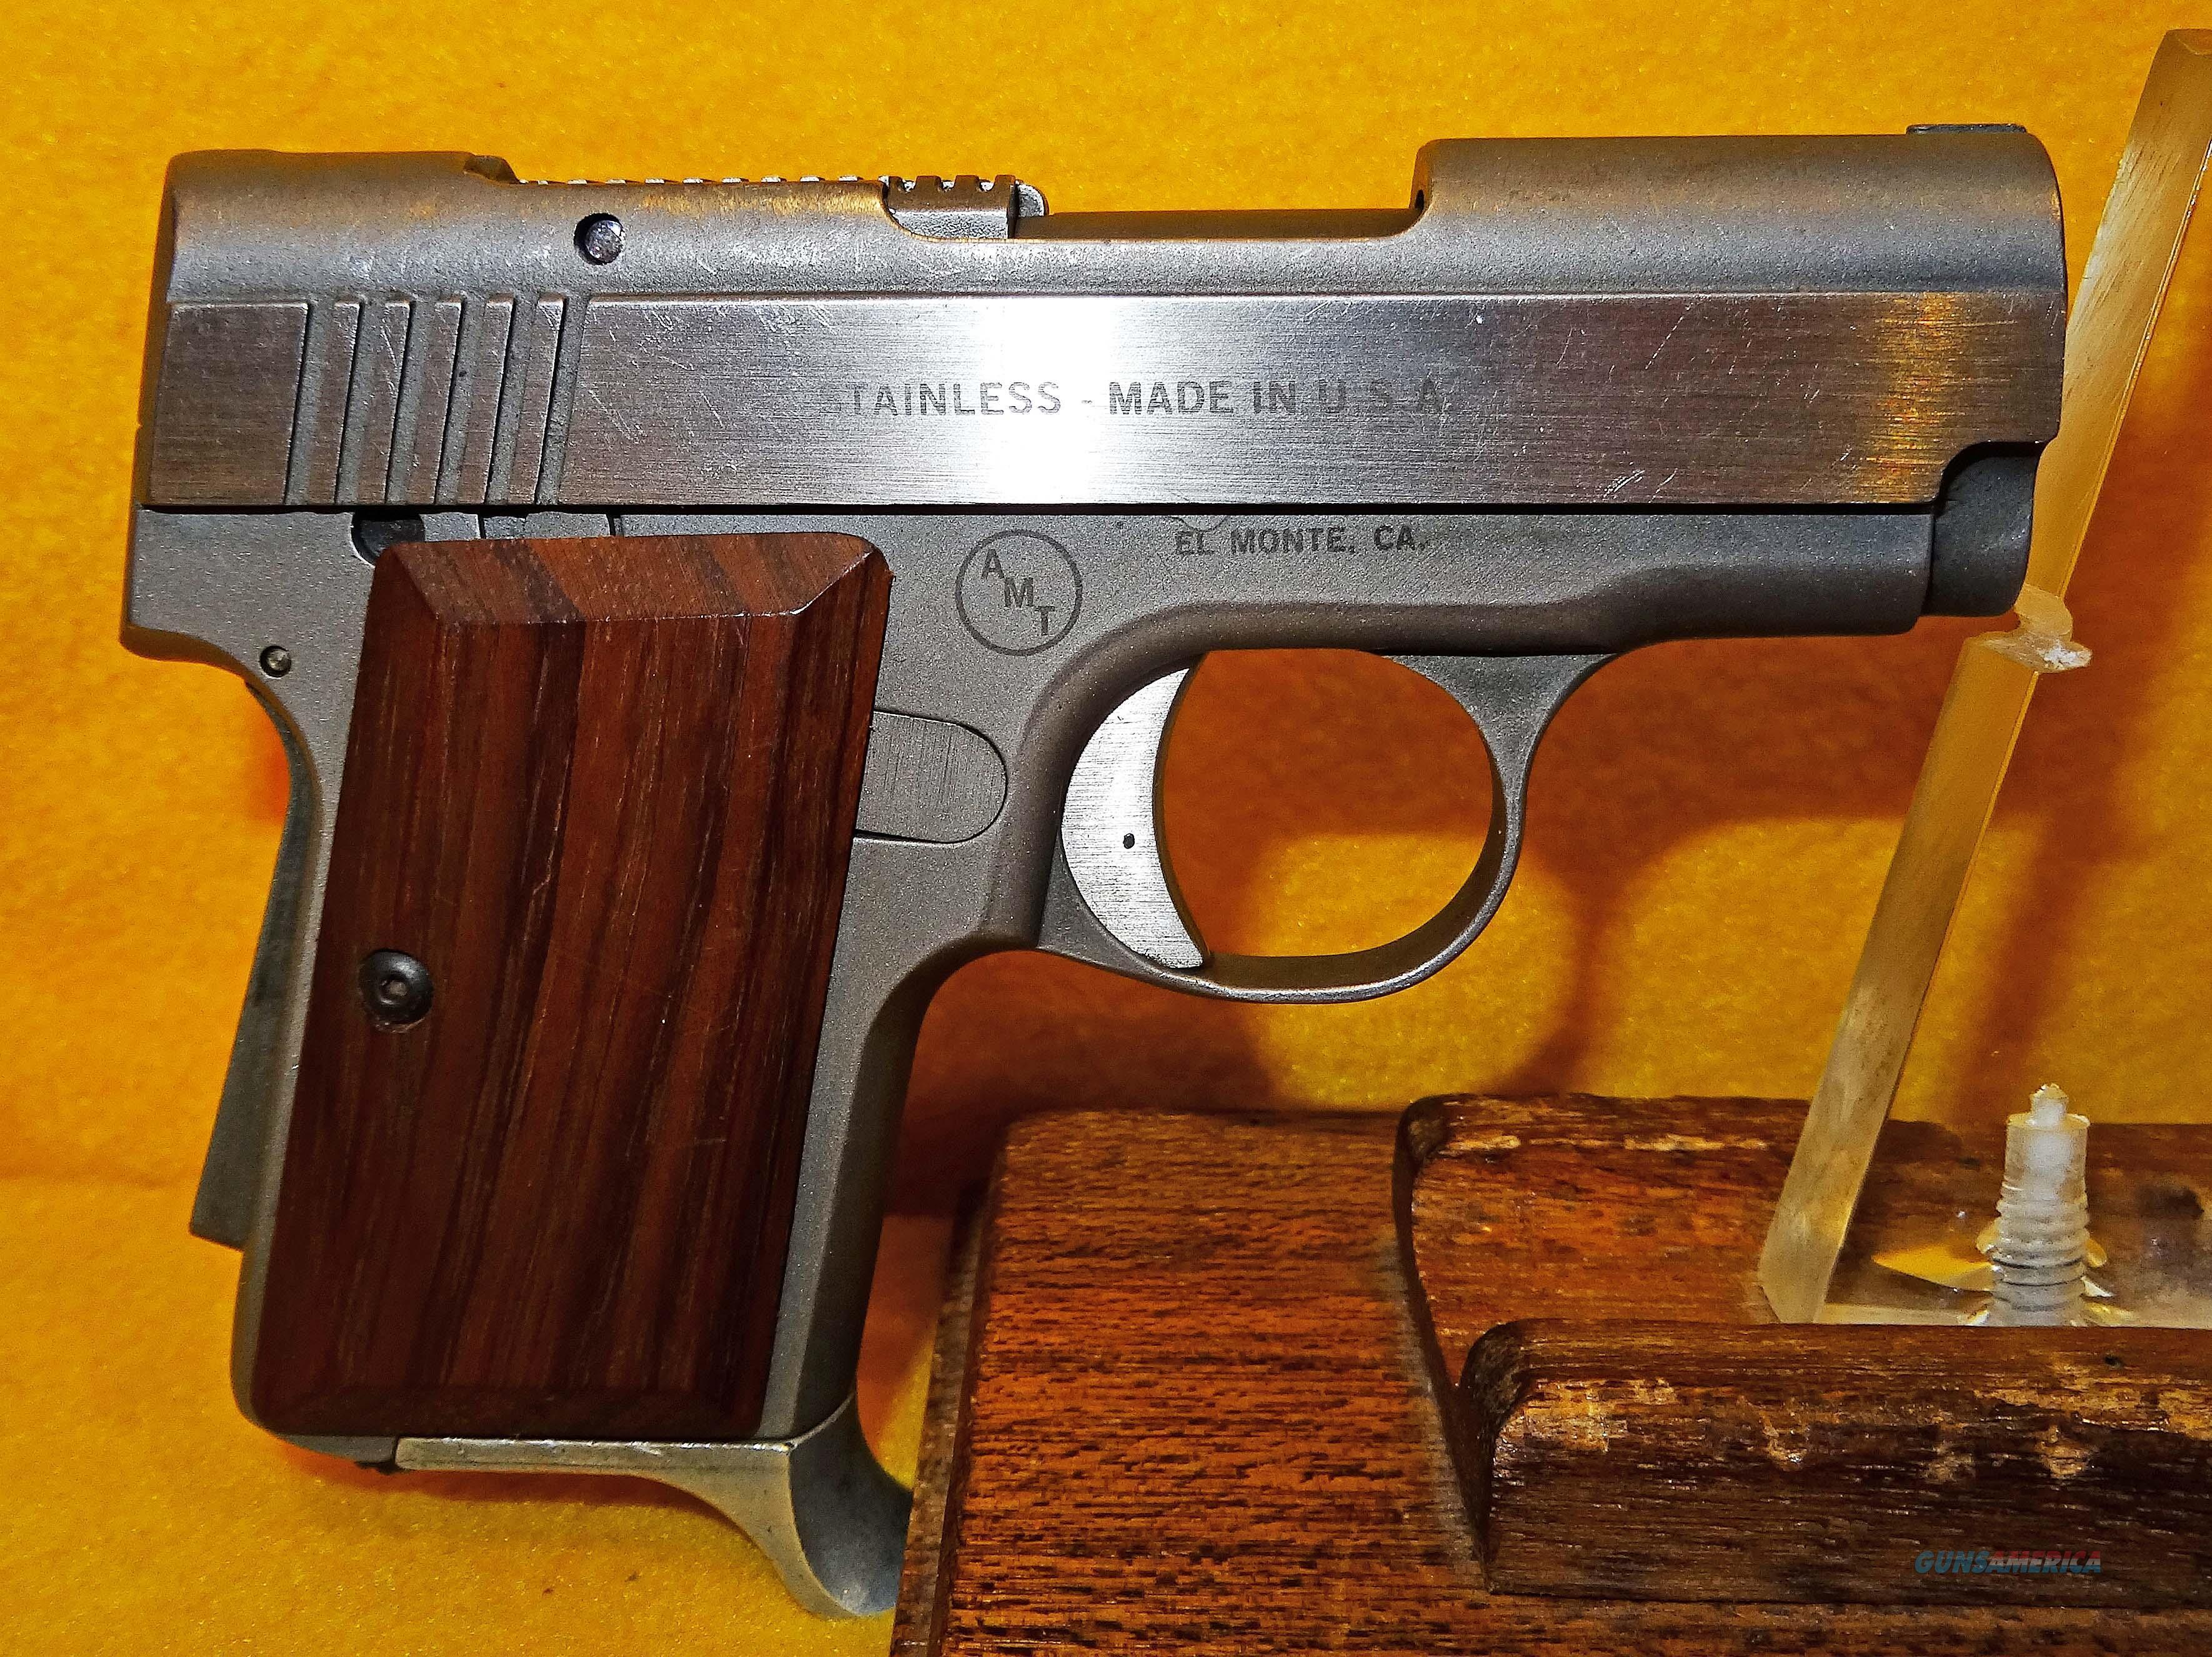 AMT  BACKUP  Guns > Pistols > AMT Pistols > Double Action